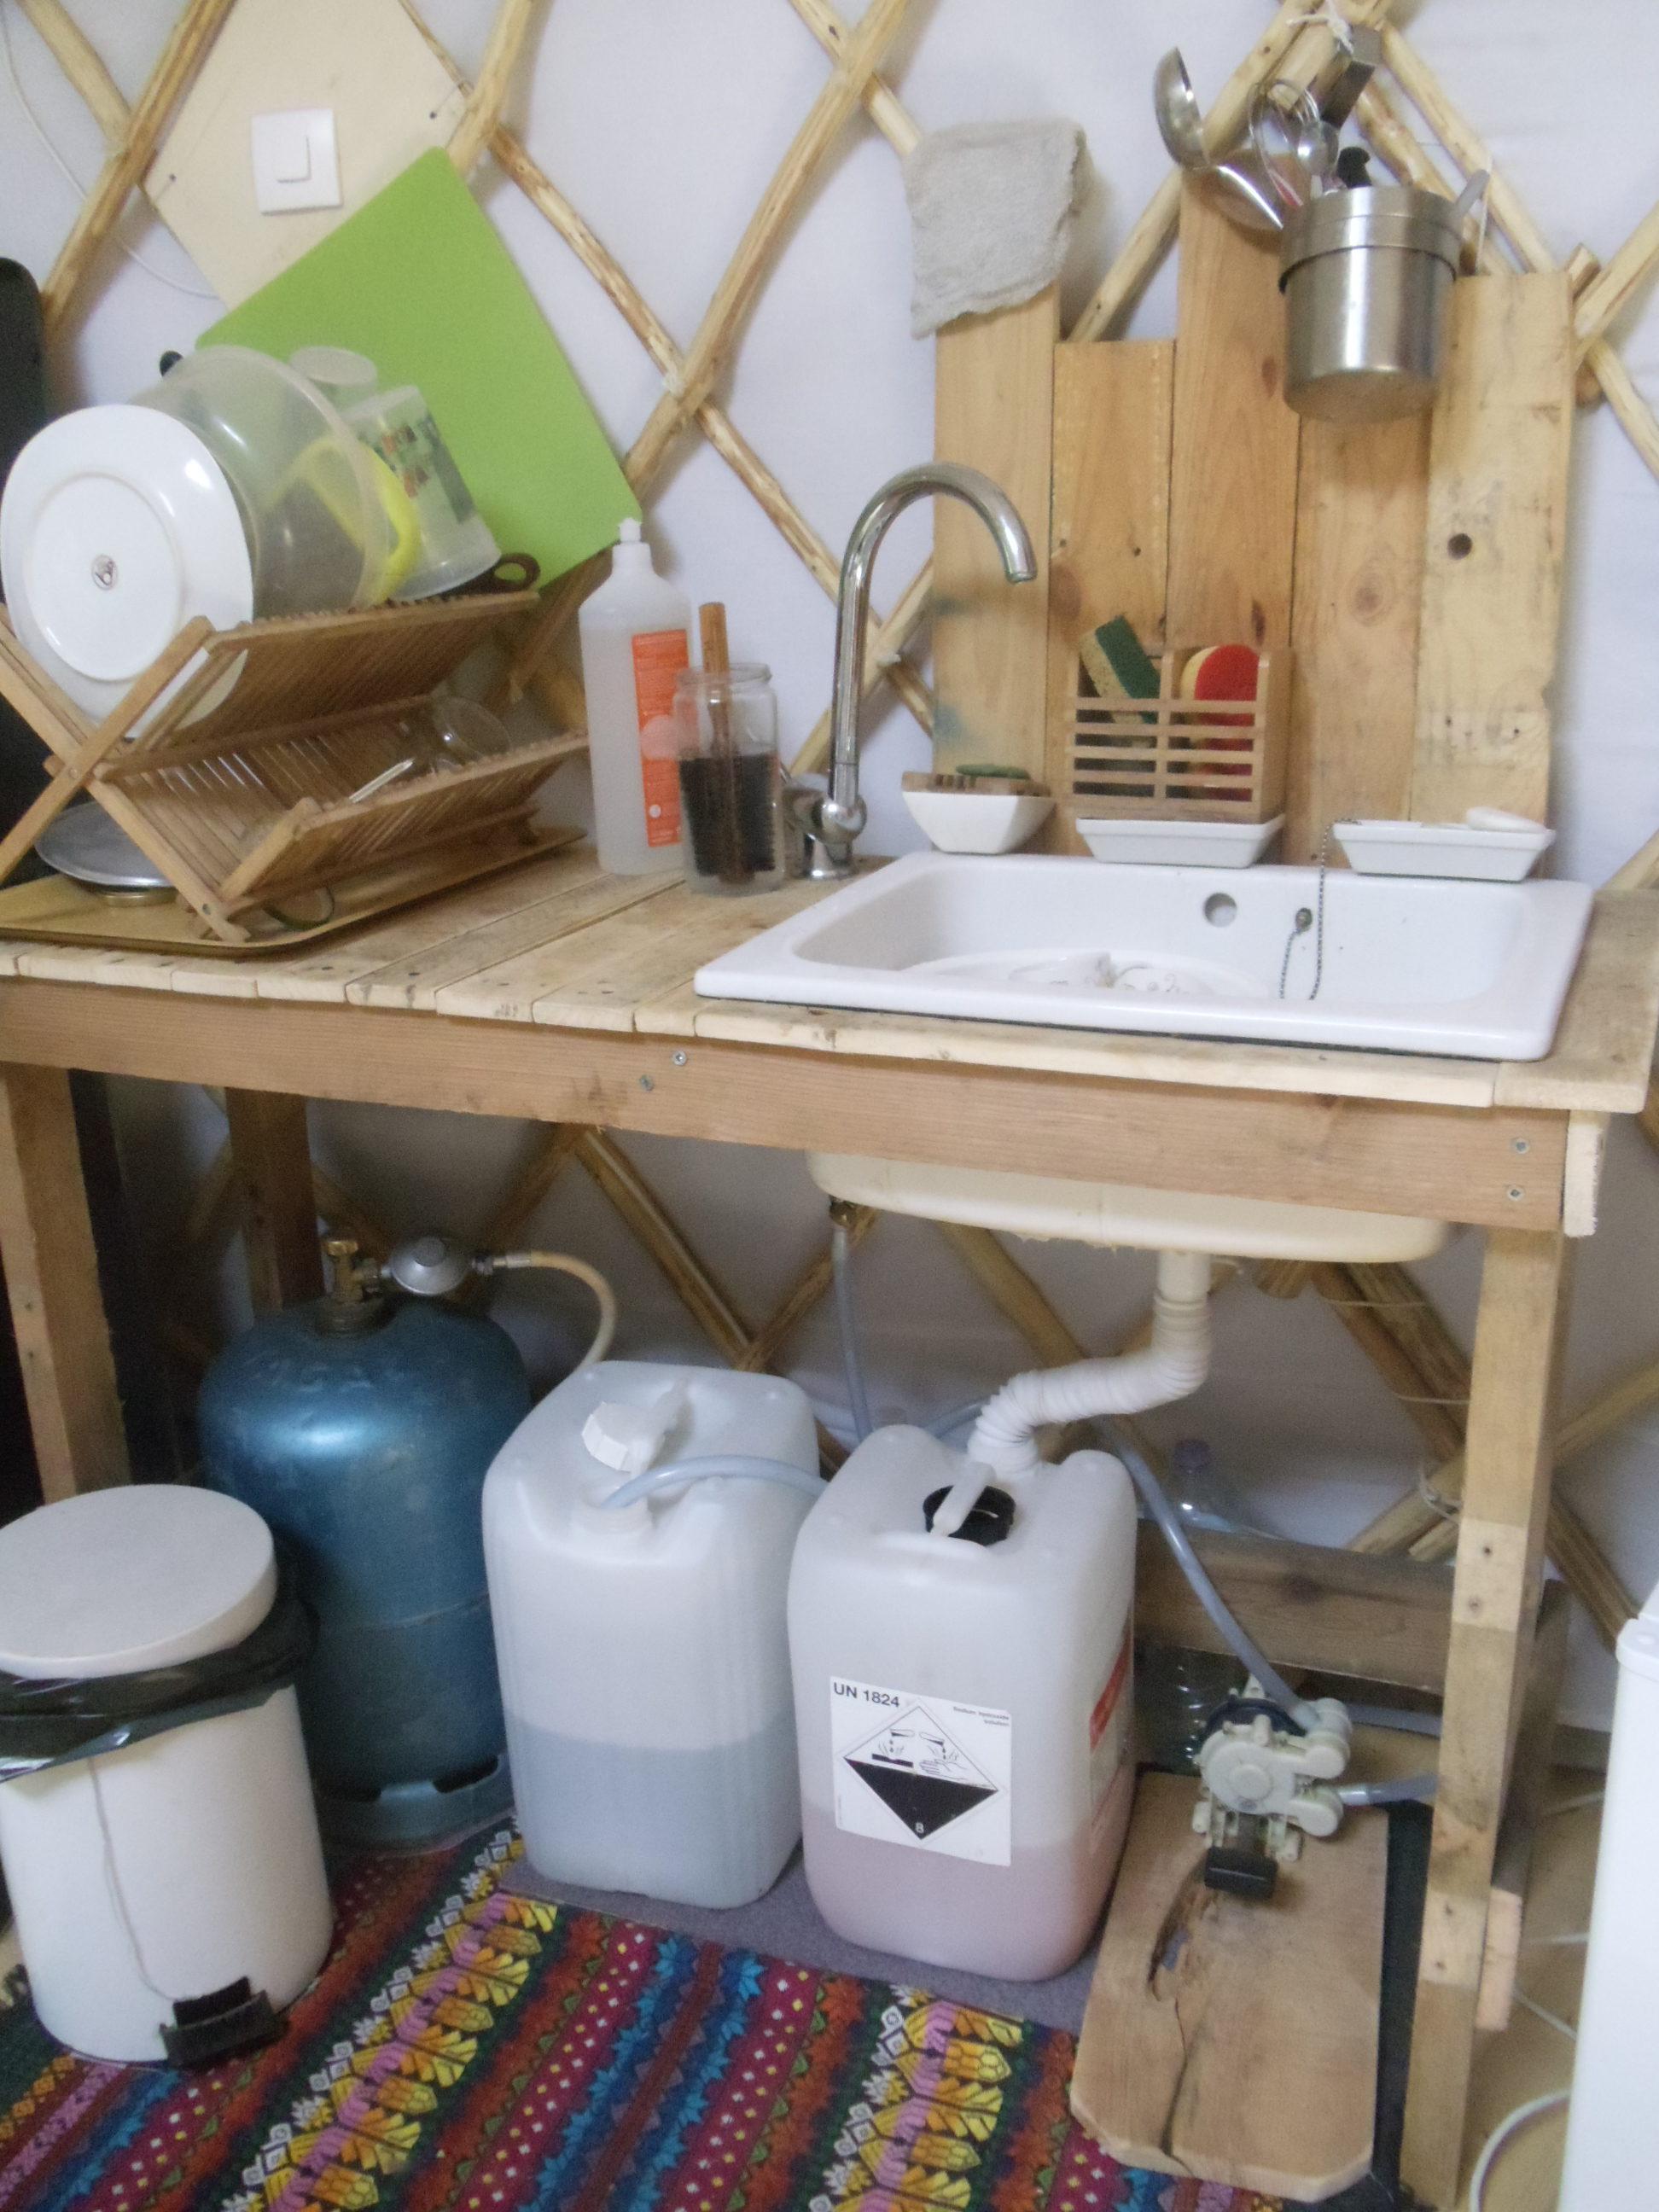 Comment Installer Un Lave Main Avec Meuble Évier/lavabo sans eau courante ni électricité : david mercereau